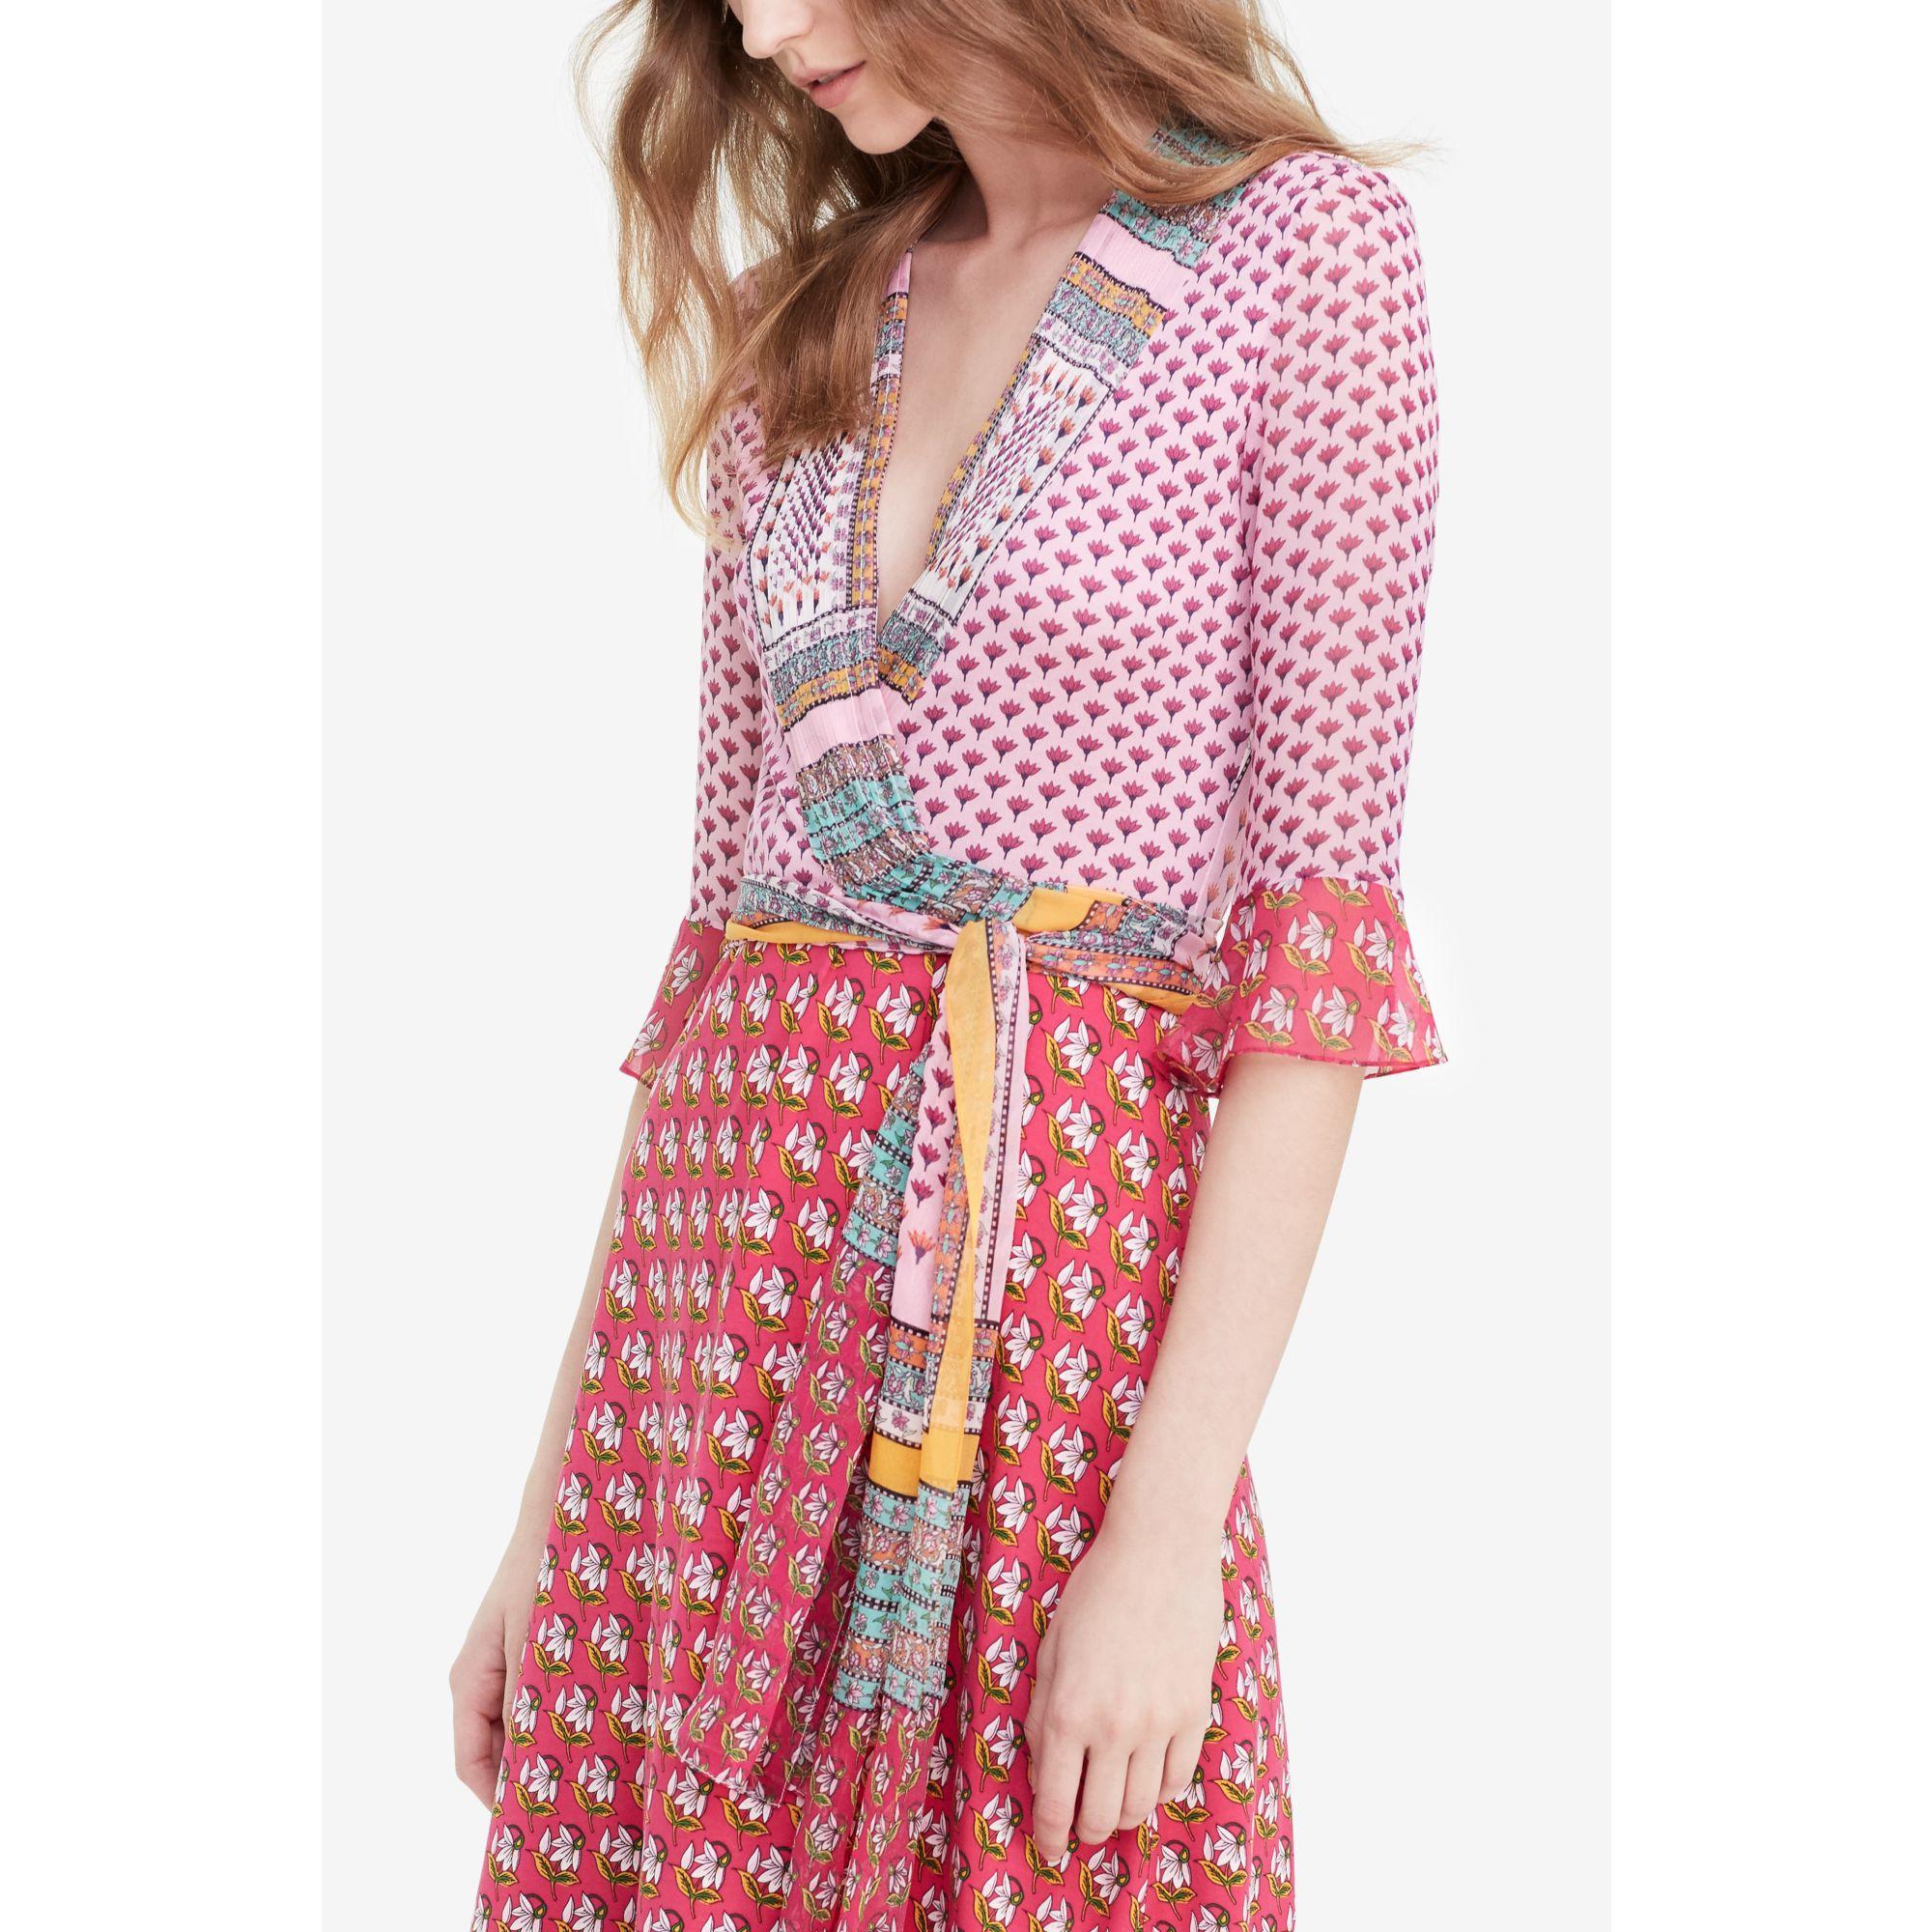 Diane von furstenberg Multi Print Wrap Dress in Pink - Lyst